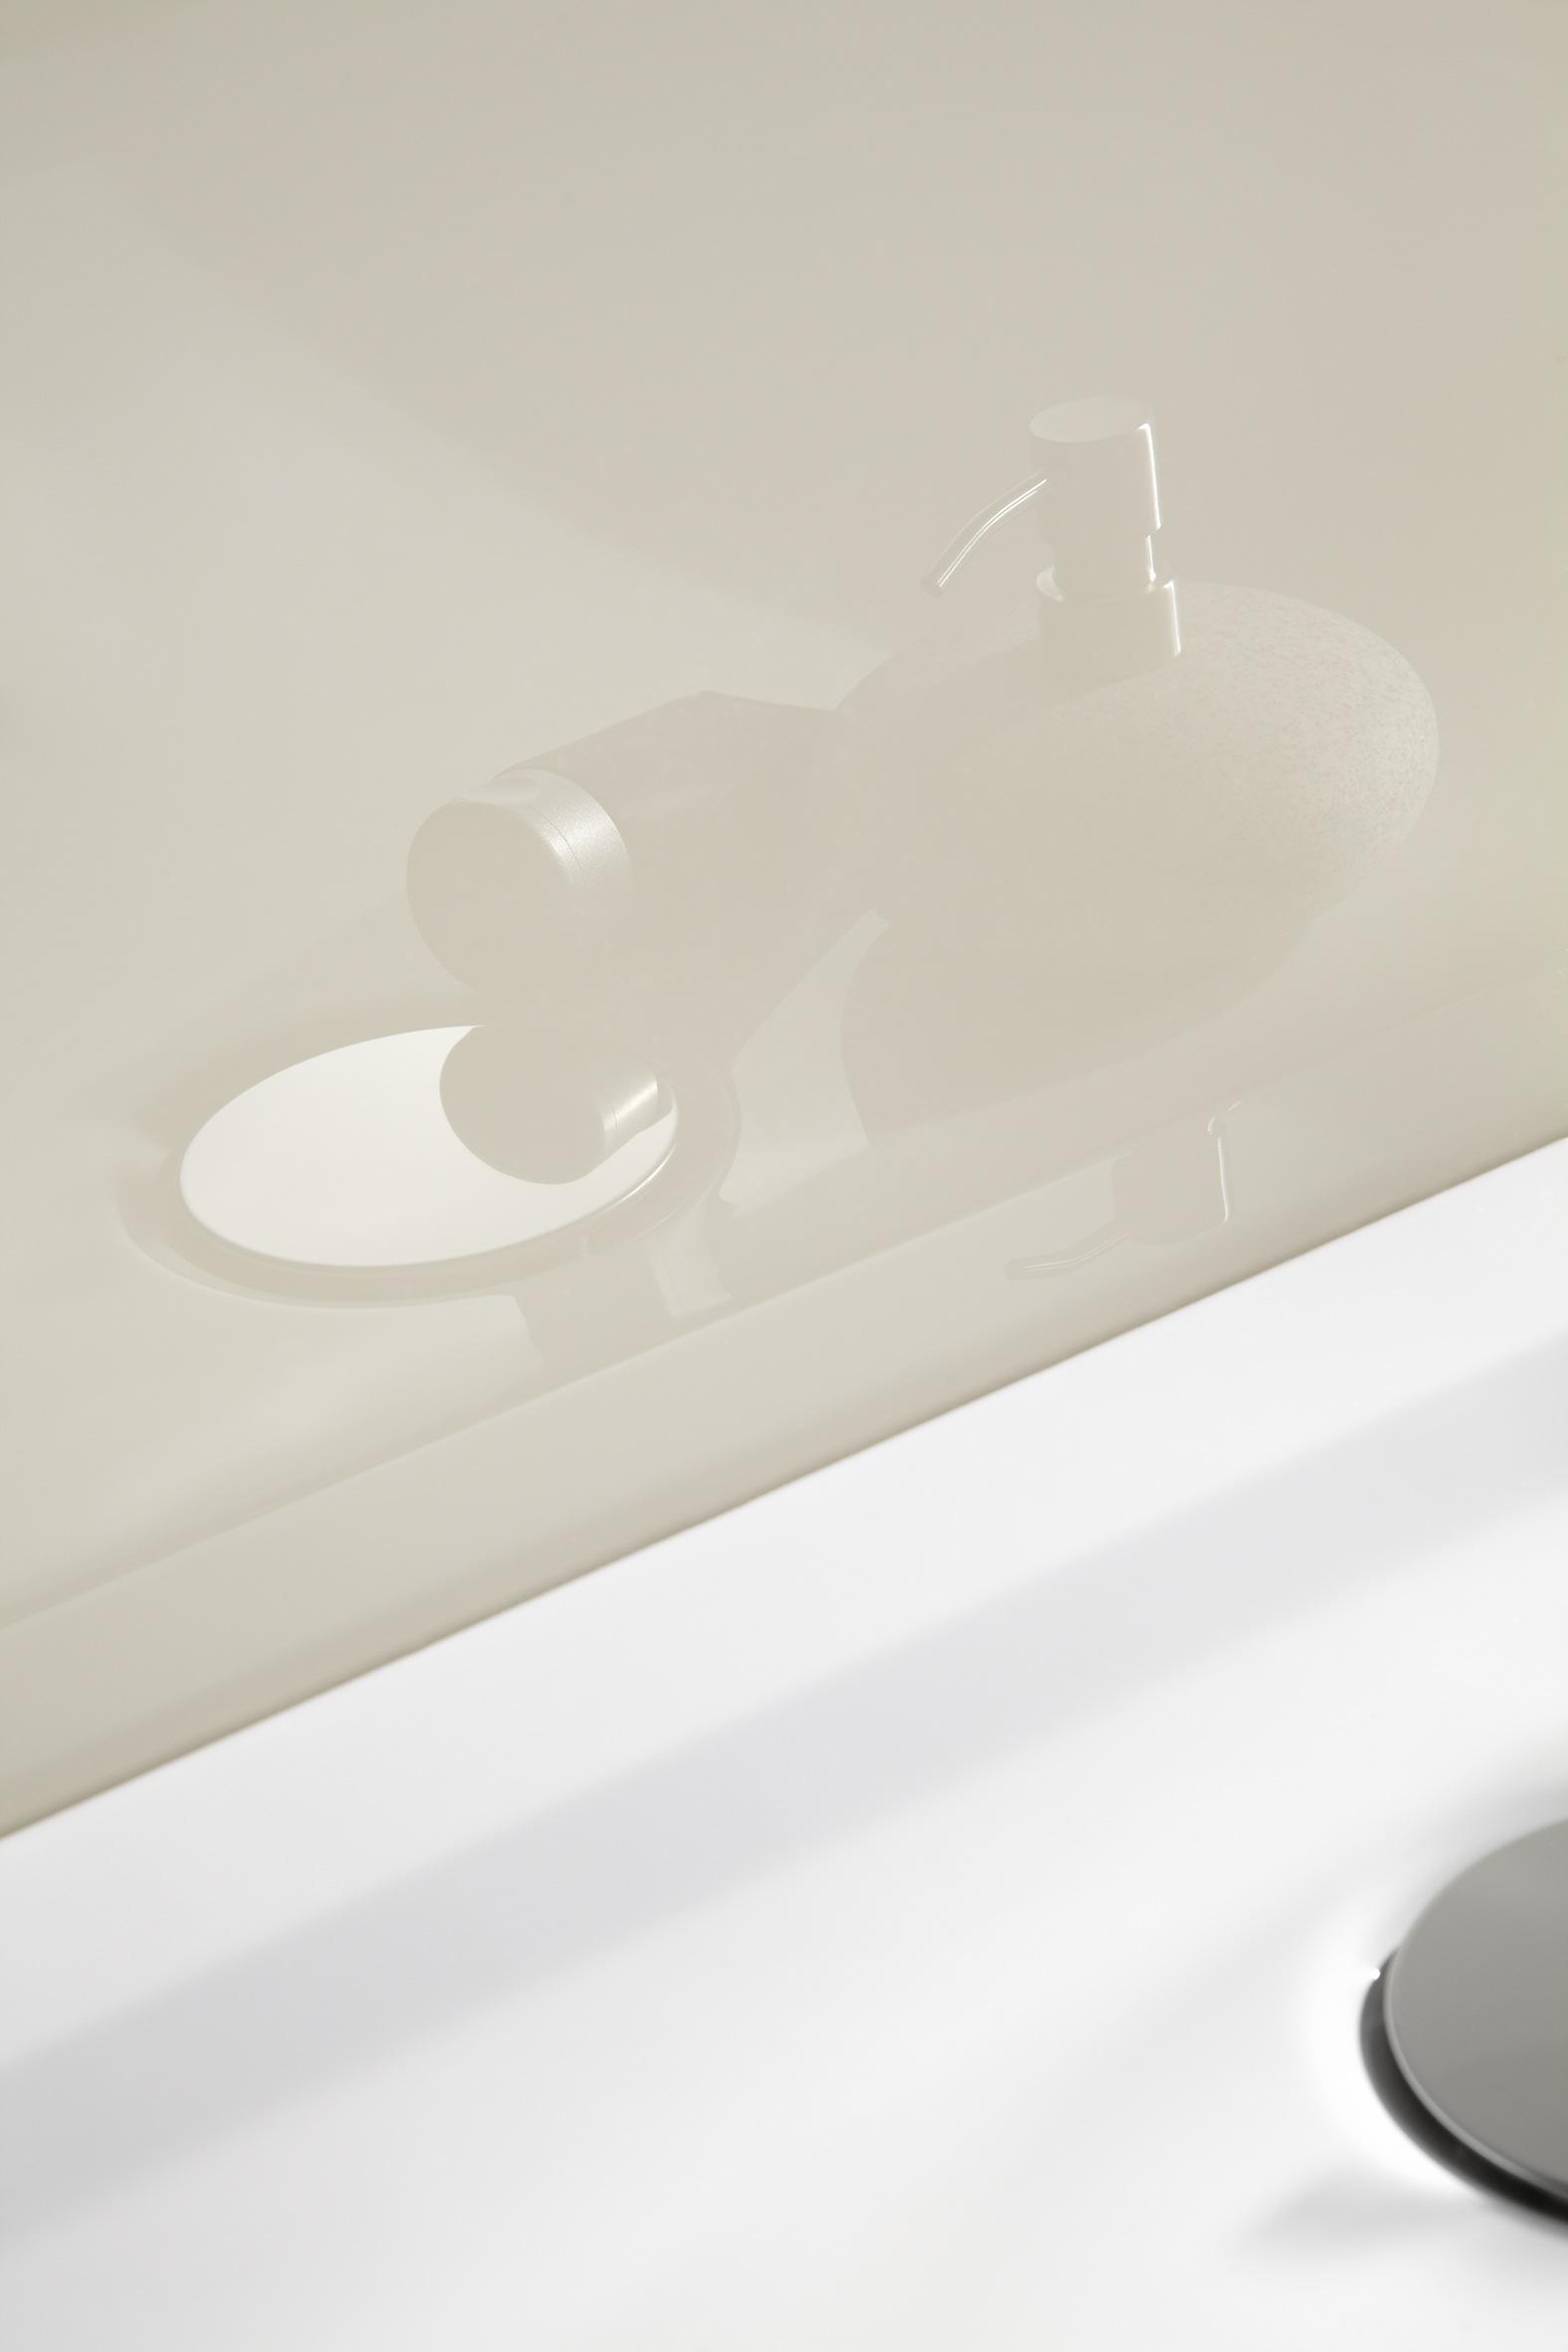 hsk douchecabines startpagina voor badkamer ideeà n uw badkamer